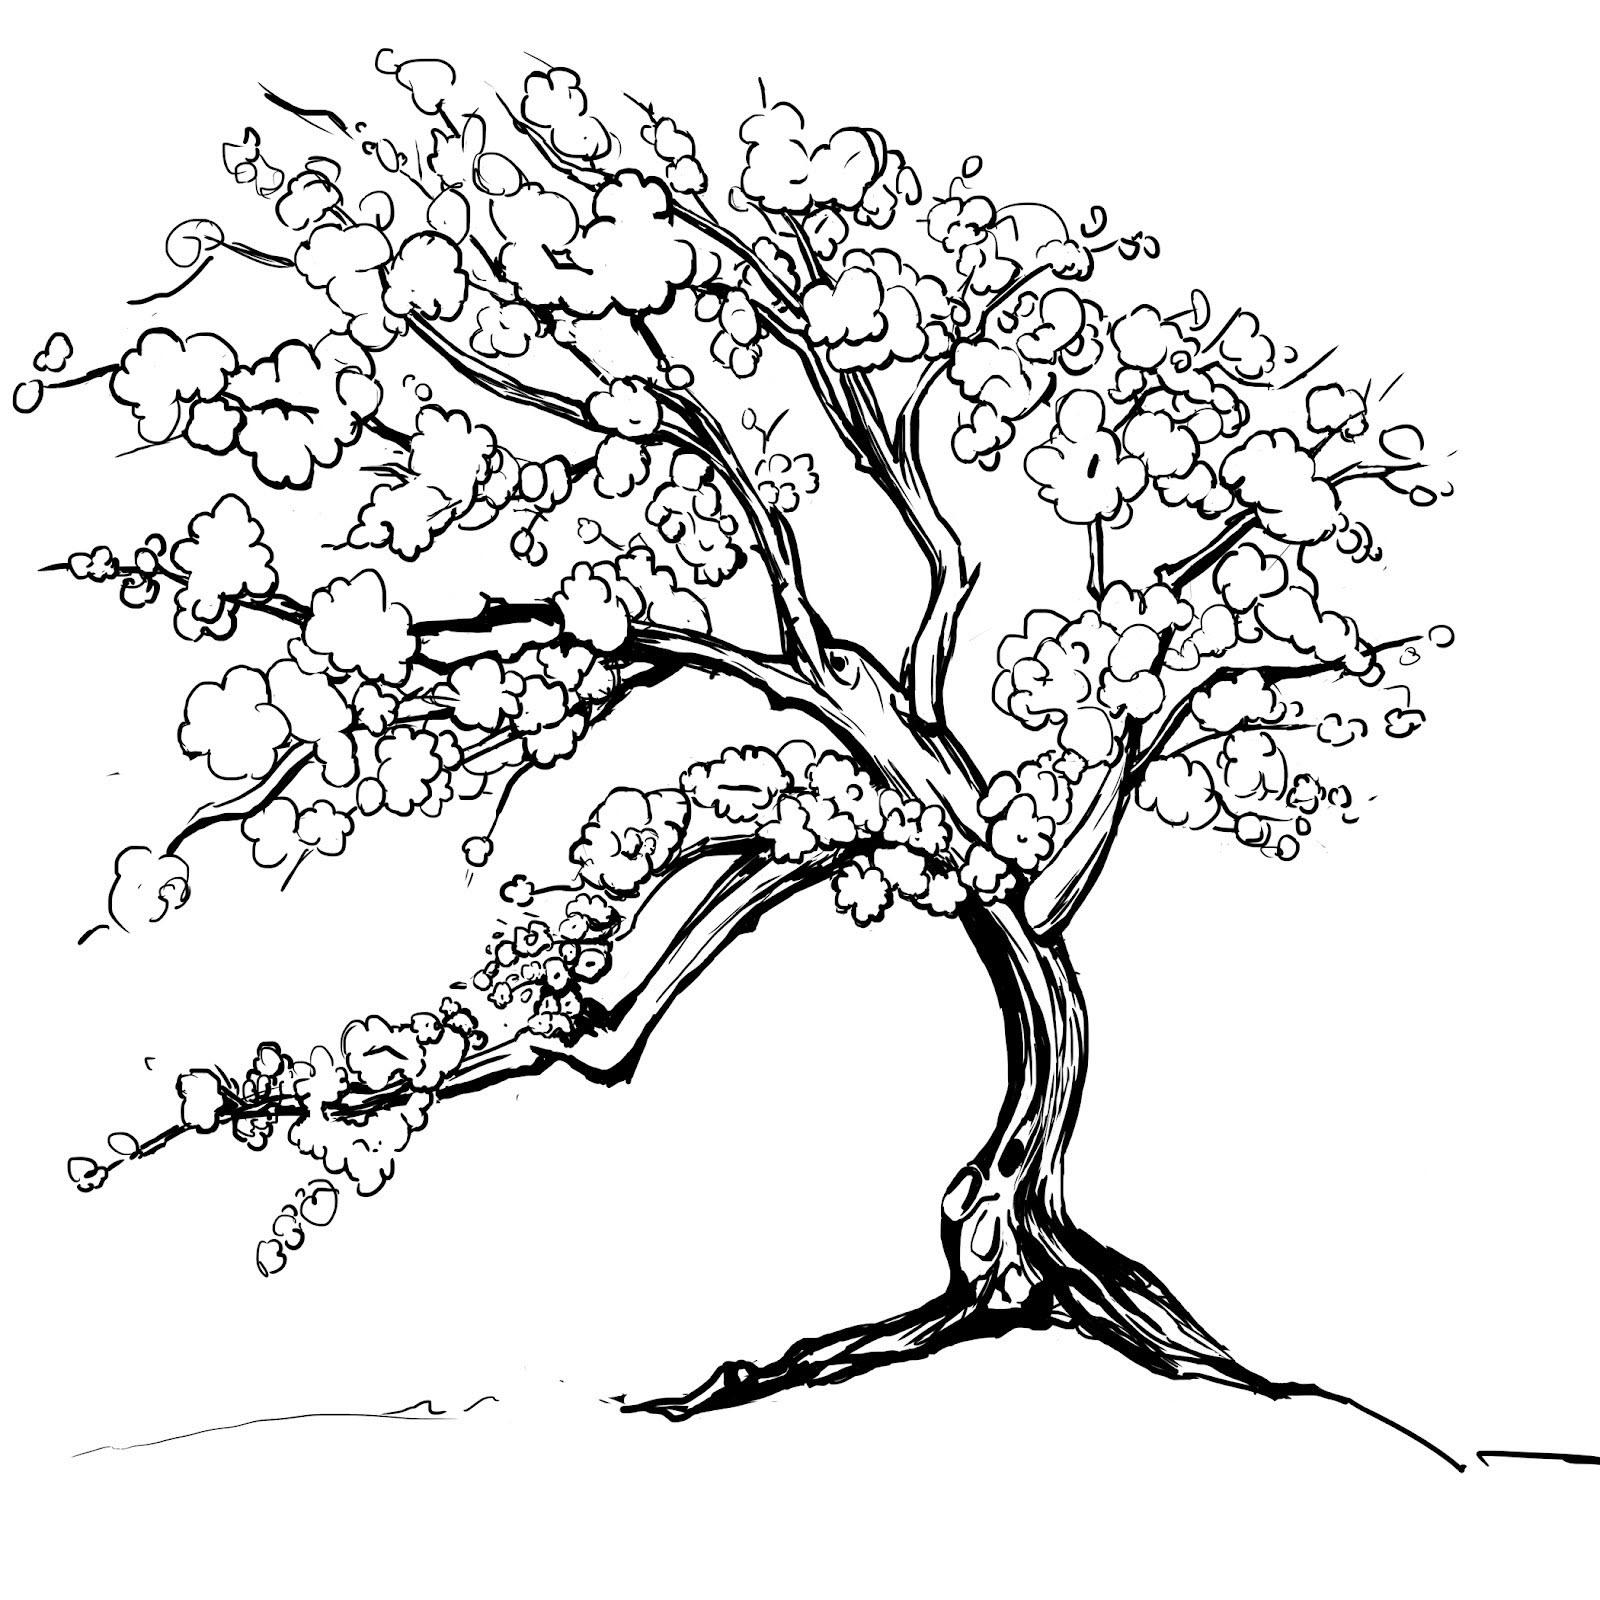 Tranh tô màu cây hoa đào đẹp